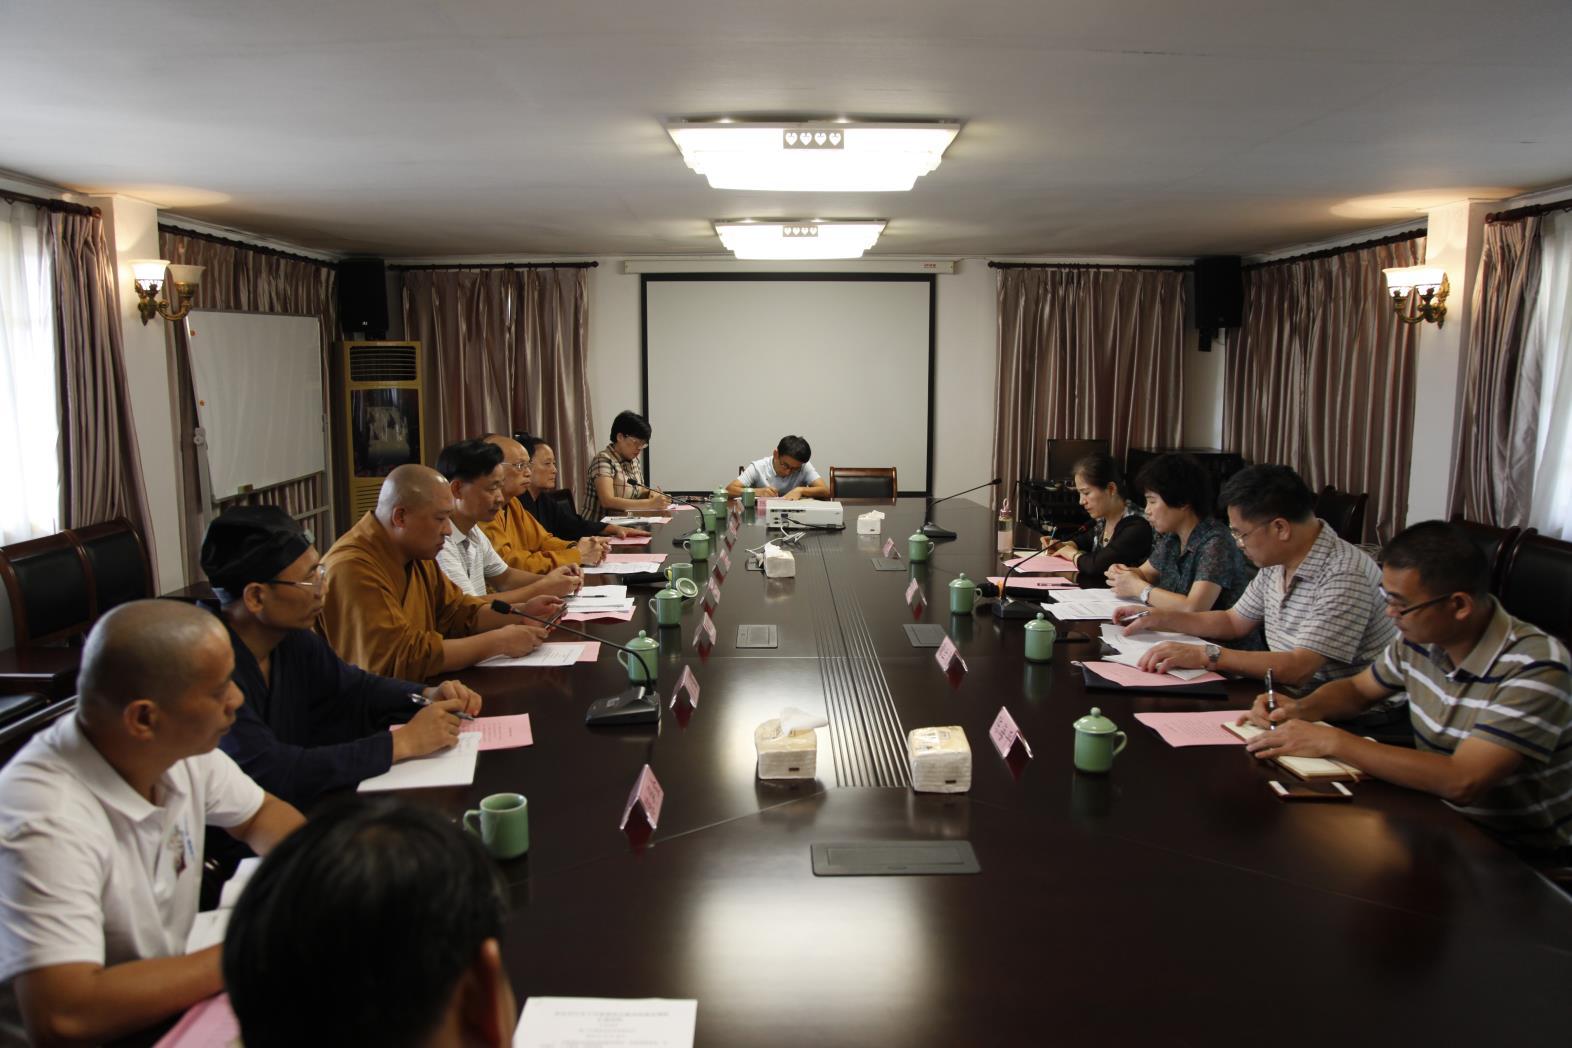 福建省民宗廳調研組赴廈門、泉州開展規范宗教團體建設調研